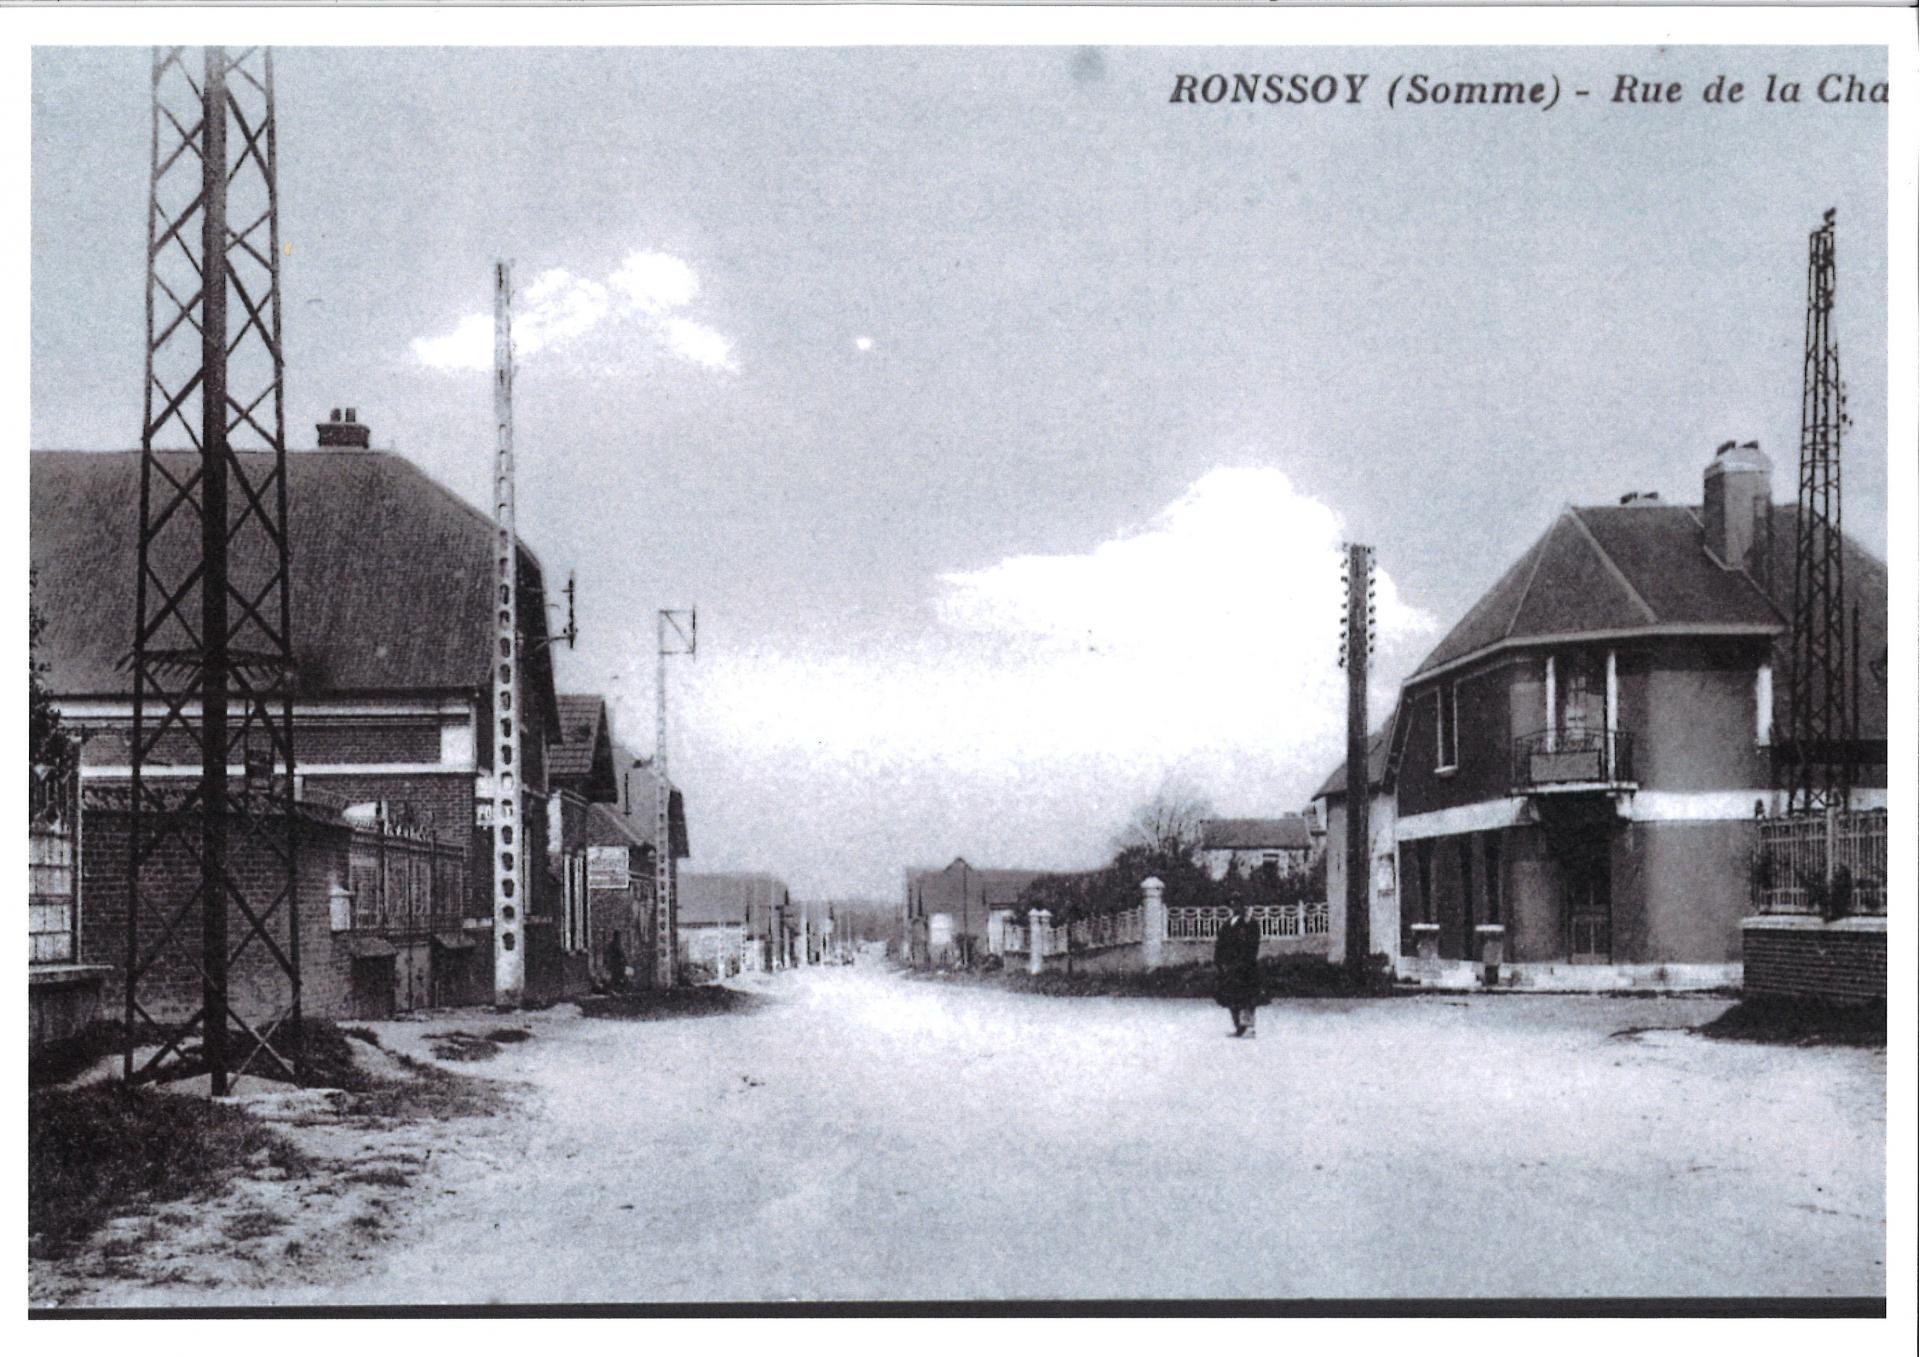 Rue de la Chaussée 6bis